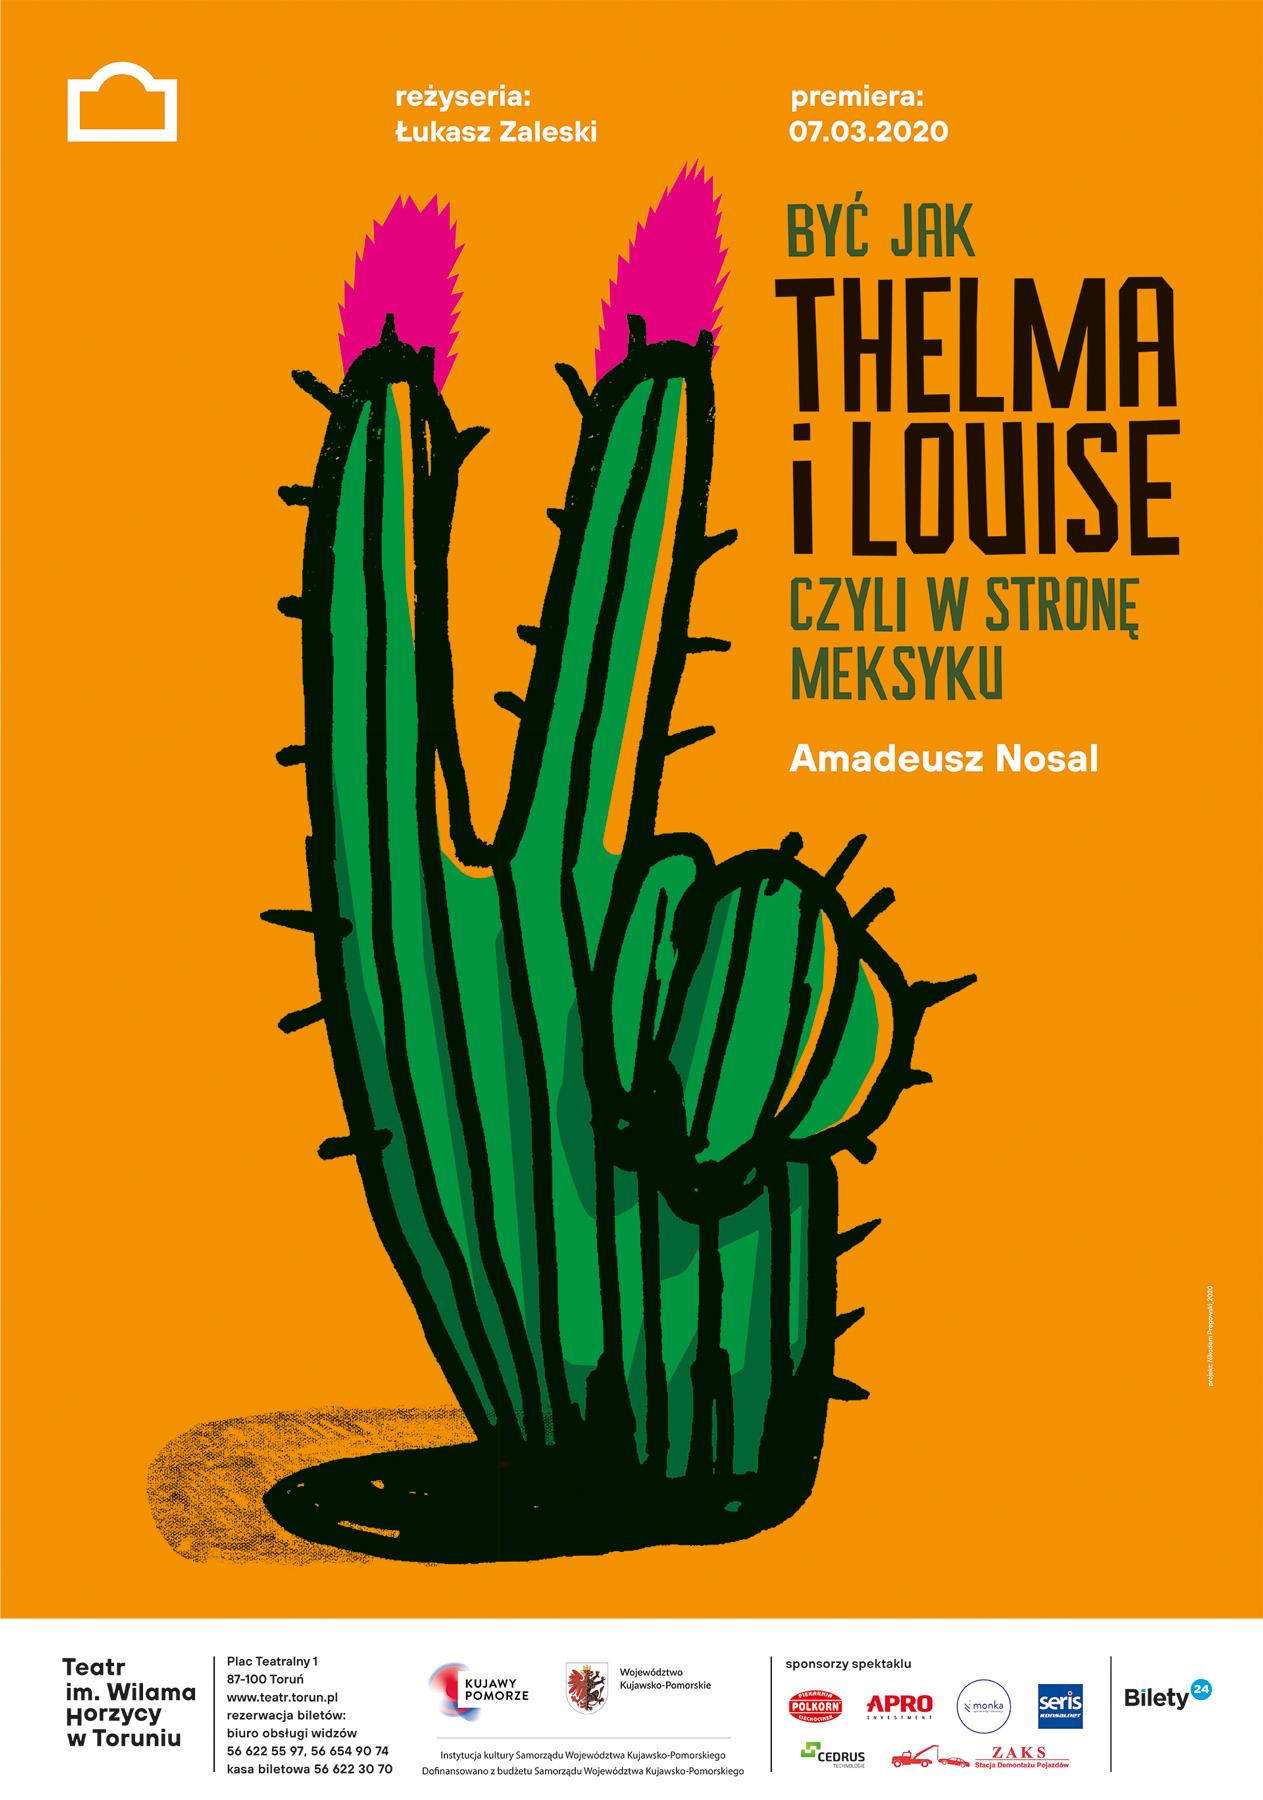 Być jak Thelma i Louise, czyli w stronę Meksyku